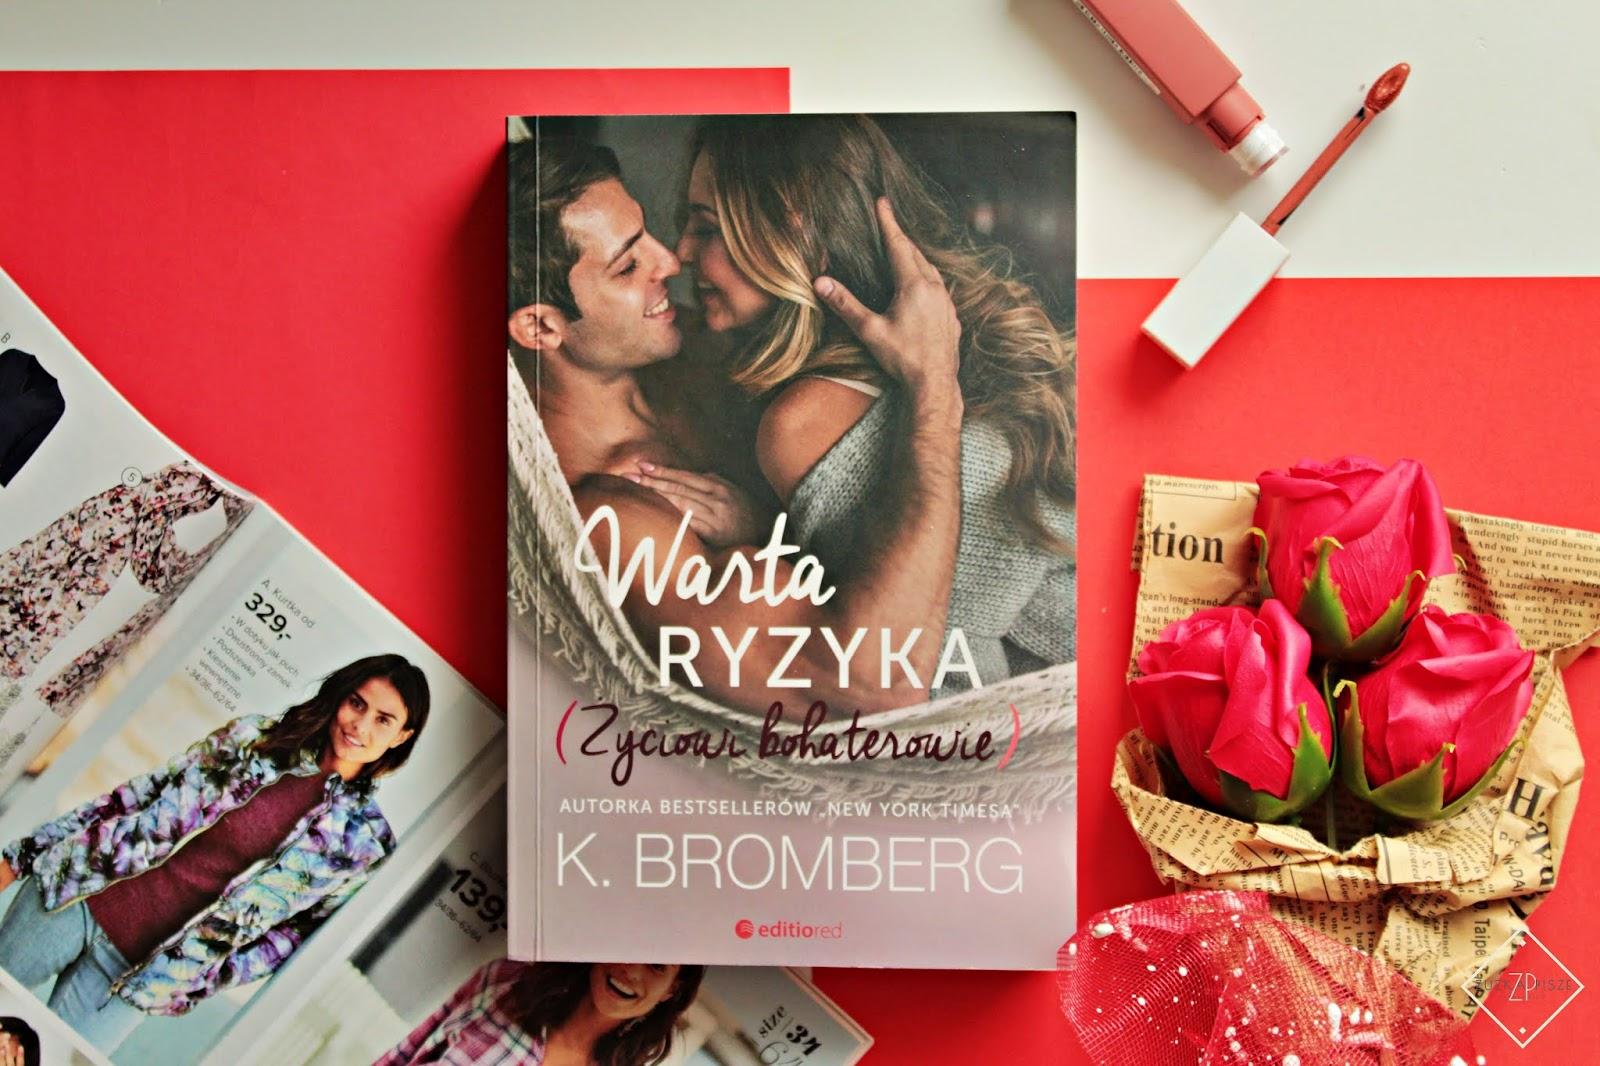 """K. Bromberg """"Warta ryzyka"""" - tom 3 z serii Życiowi Bohaterowie - recenzja"""